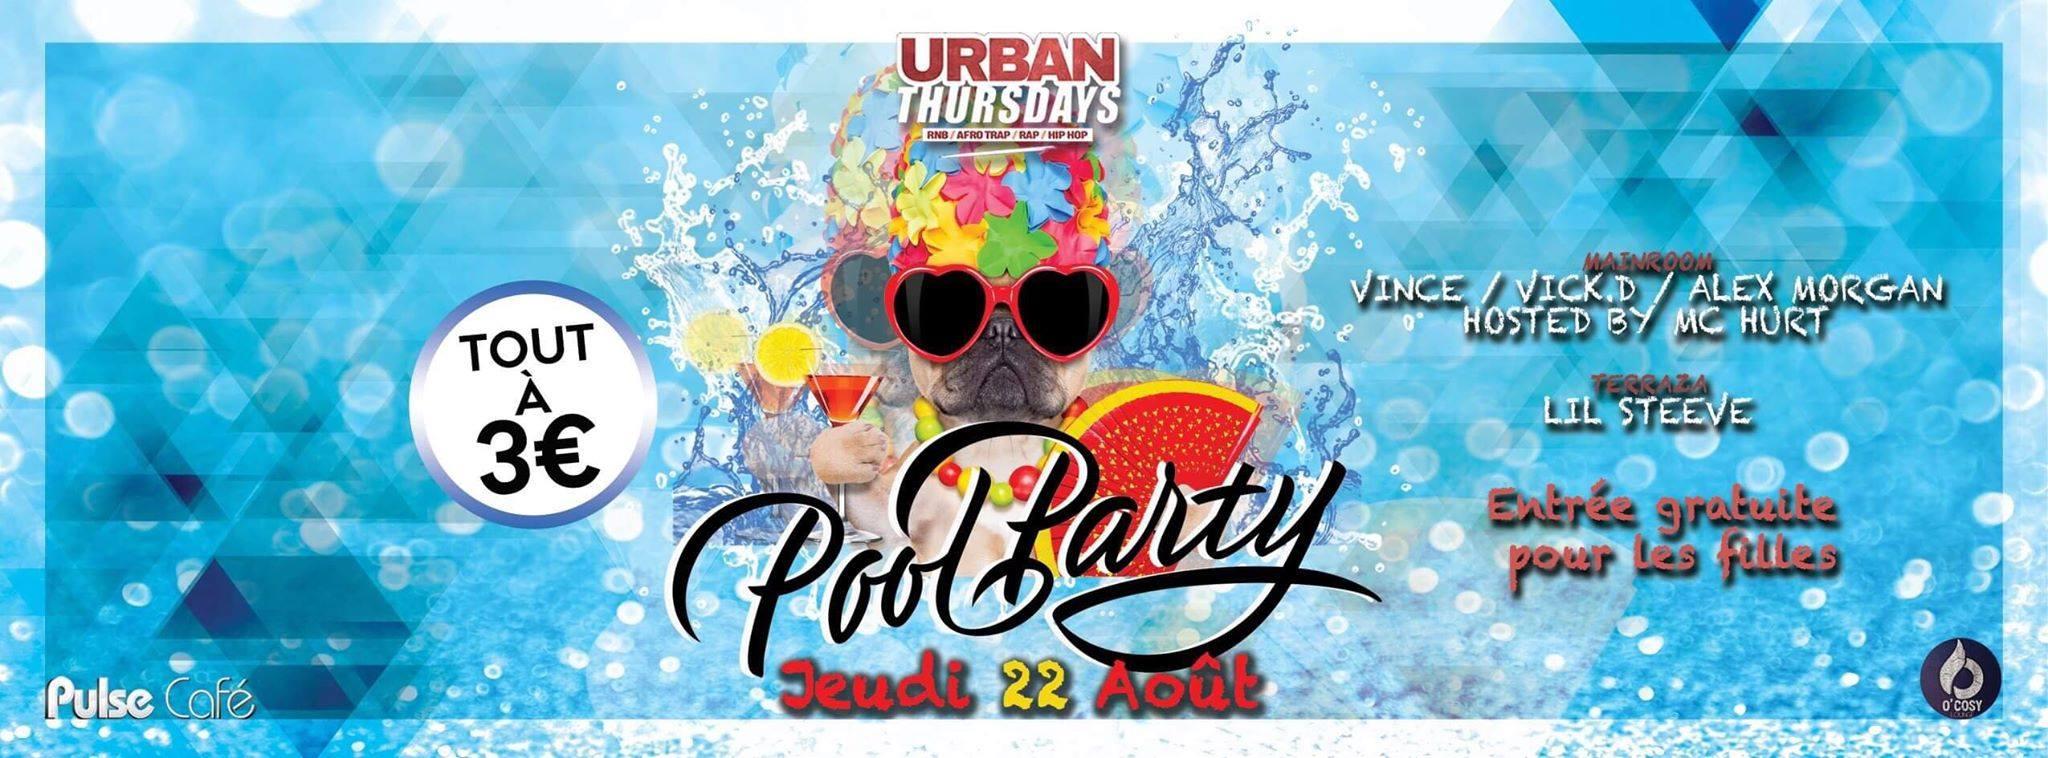 Urban Thursdays : Pool Party